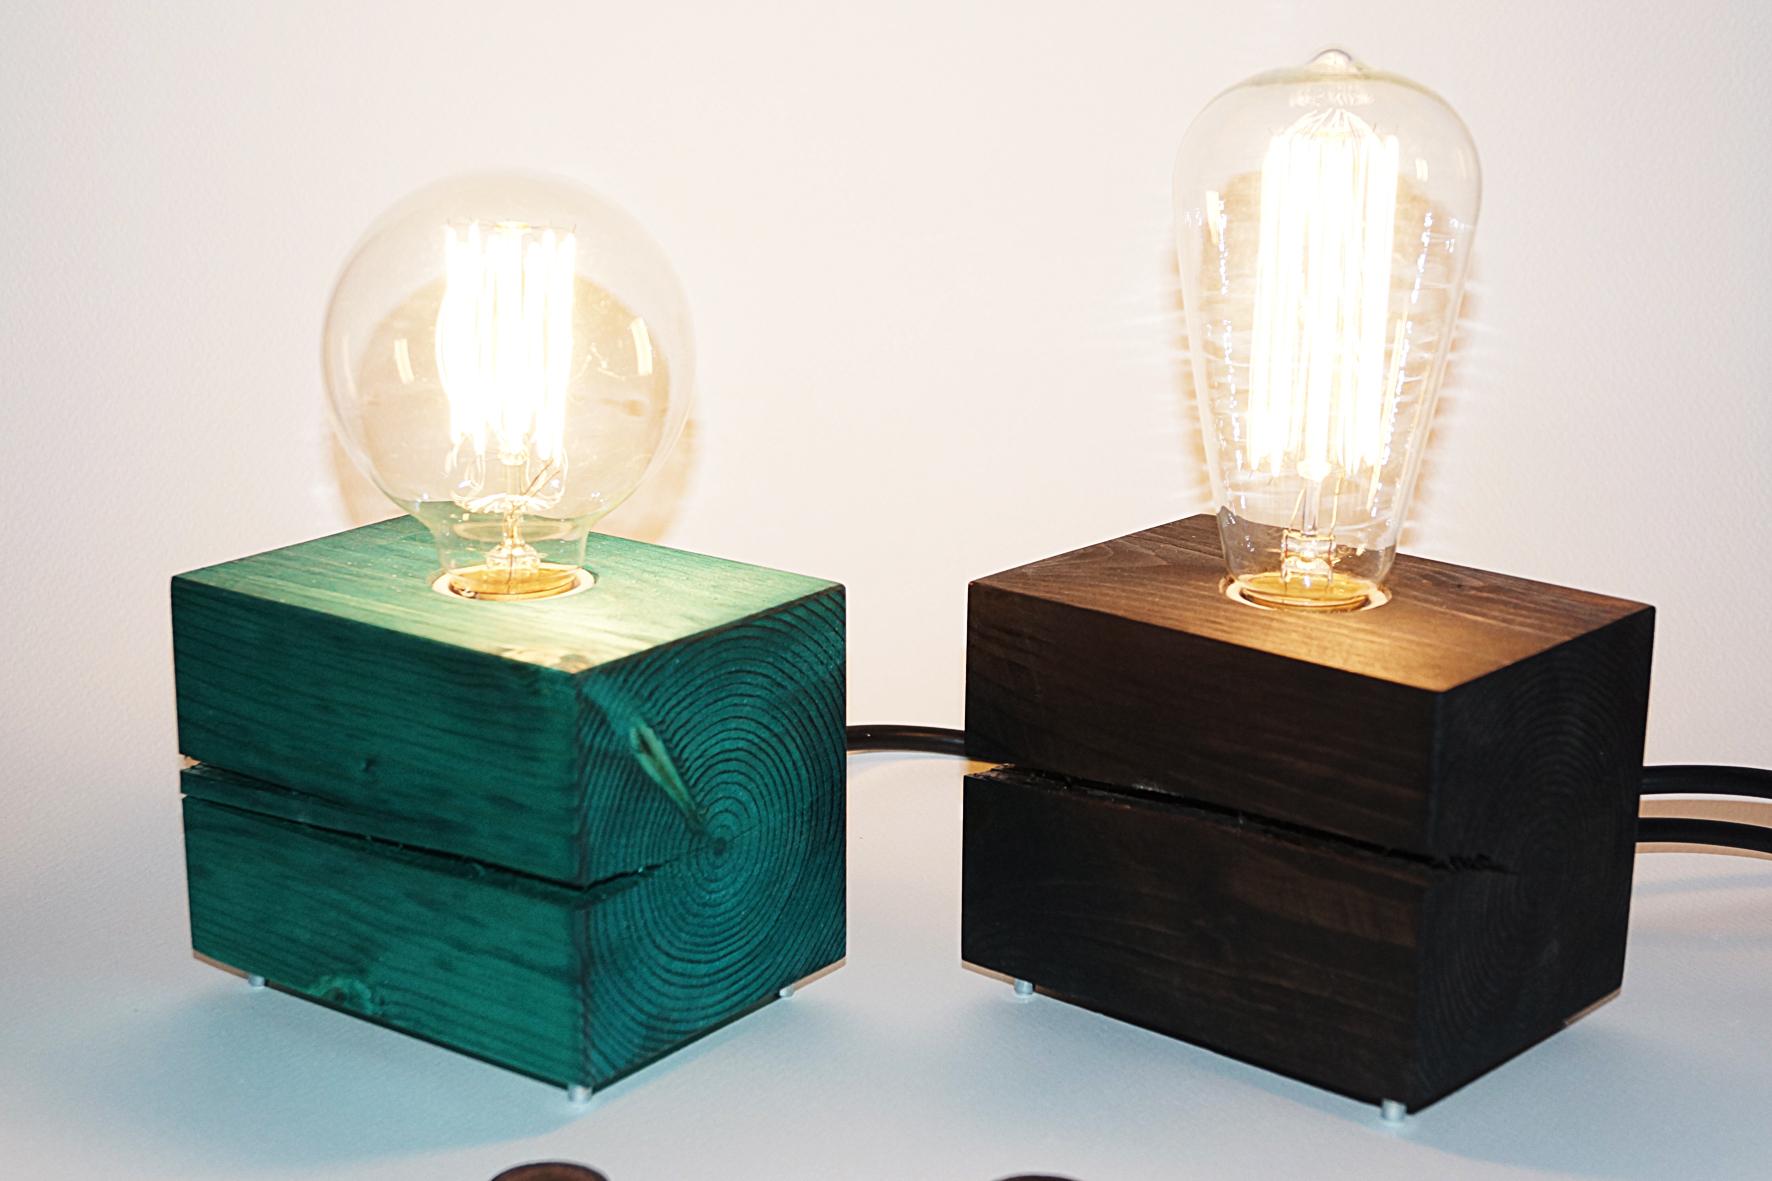 Необычные светильники с использованием окрашенного дерева